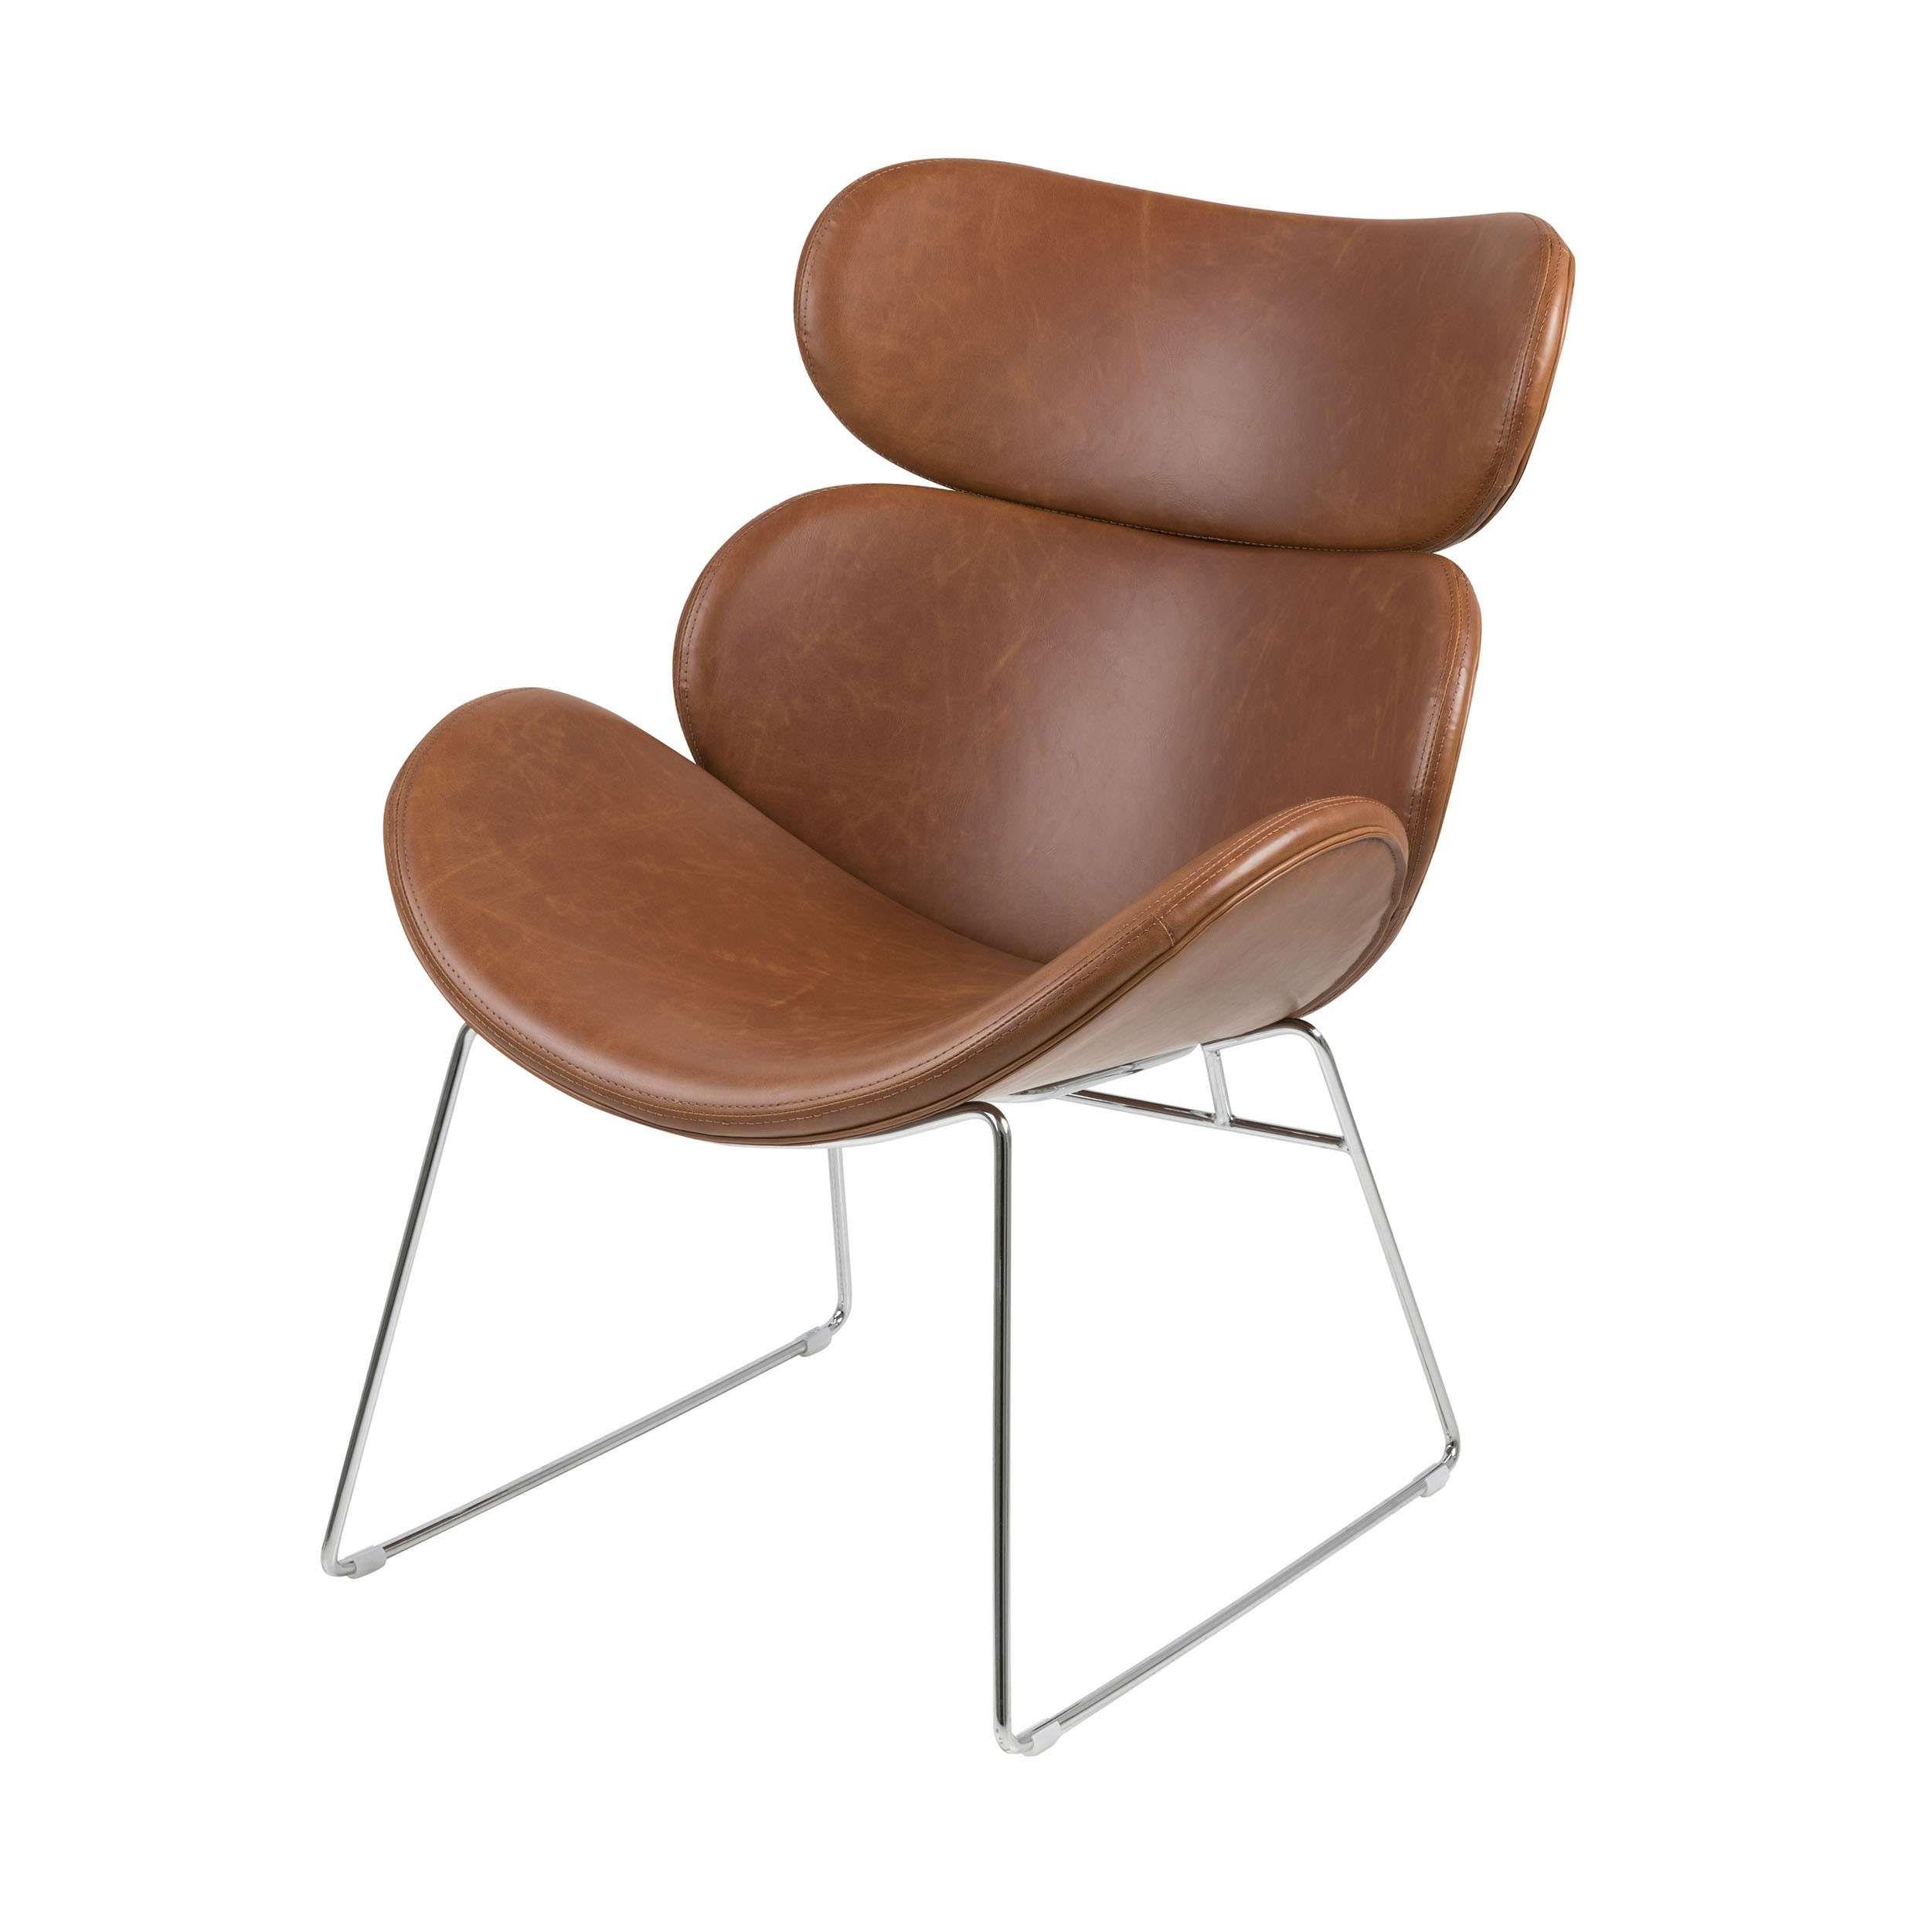 Amadill Lounge Sessel Wohnzimmer Sessel Kunstleder Ikarus Sessel Schaukelstuhl Modern Einzelsessel